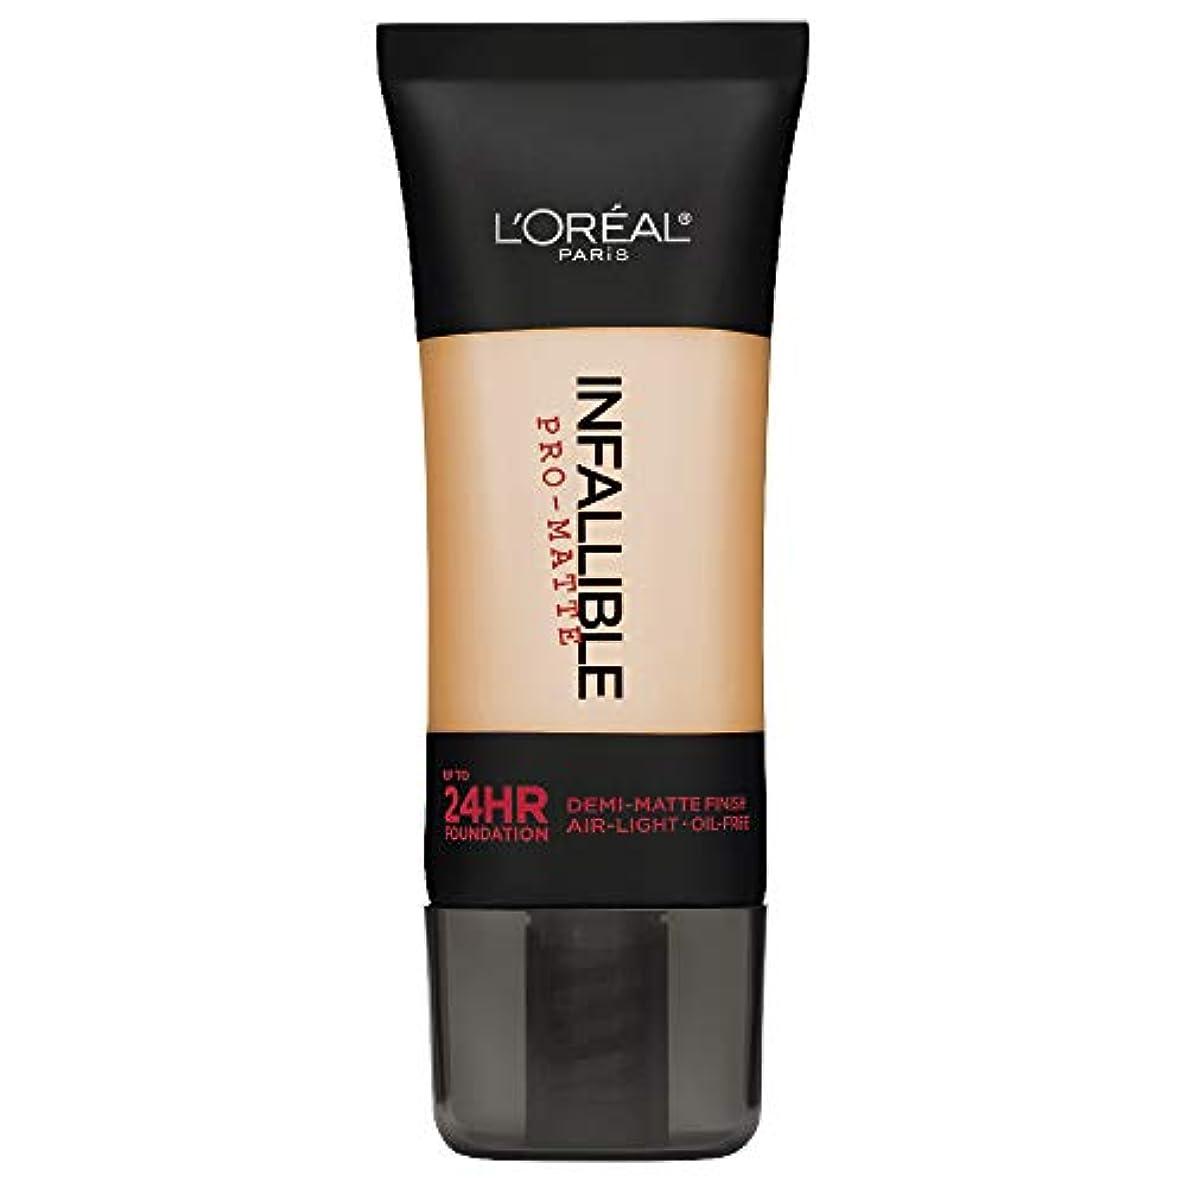 キャンバス未亡人ステージL'Oreal Paris Infallible Pro-Matte Foundation Makeup, 104 Golden Beige, 1 fl. oz[並行輸入品]